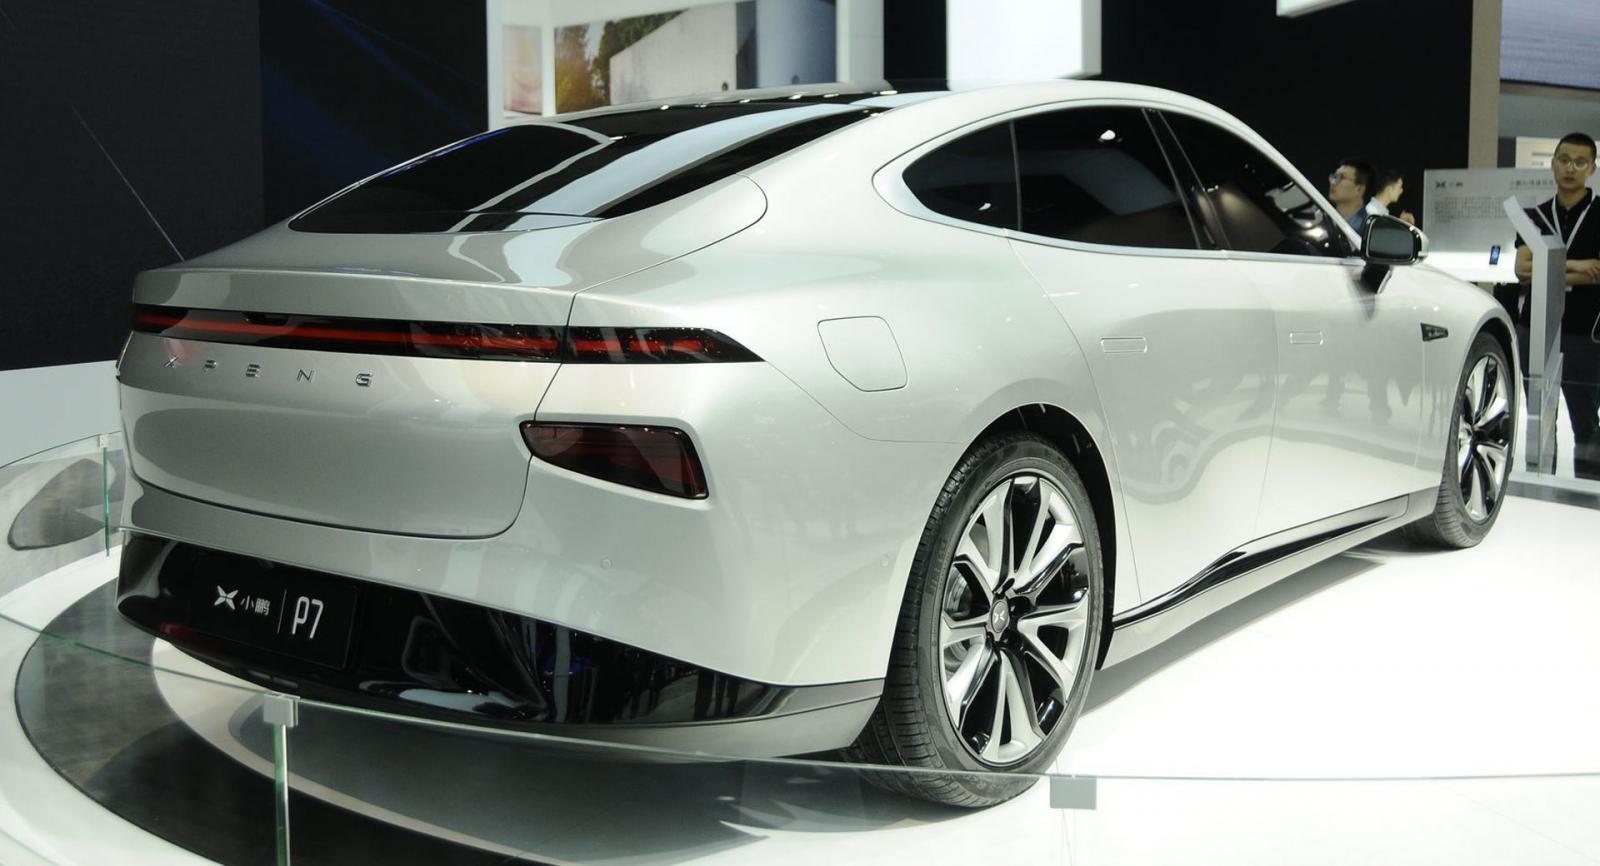 xpeng-p7-sedan-the-thao-dien-co-he-thong-tu-lai-cap-3-di-chuyen-600-km-duoc-ra-mat-3.jpg